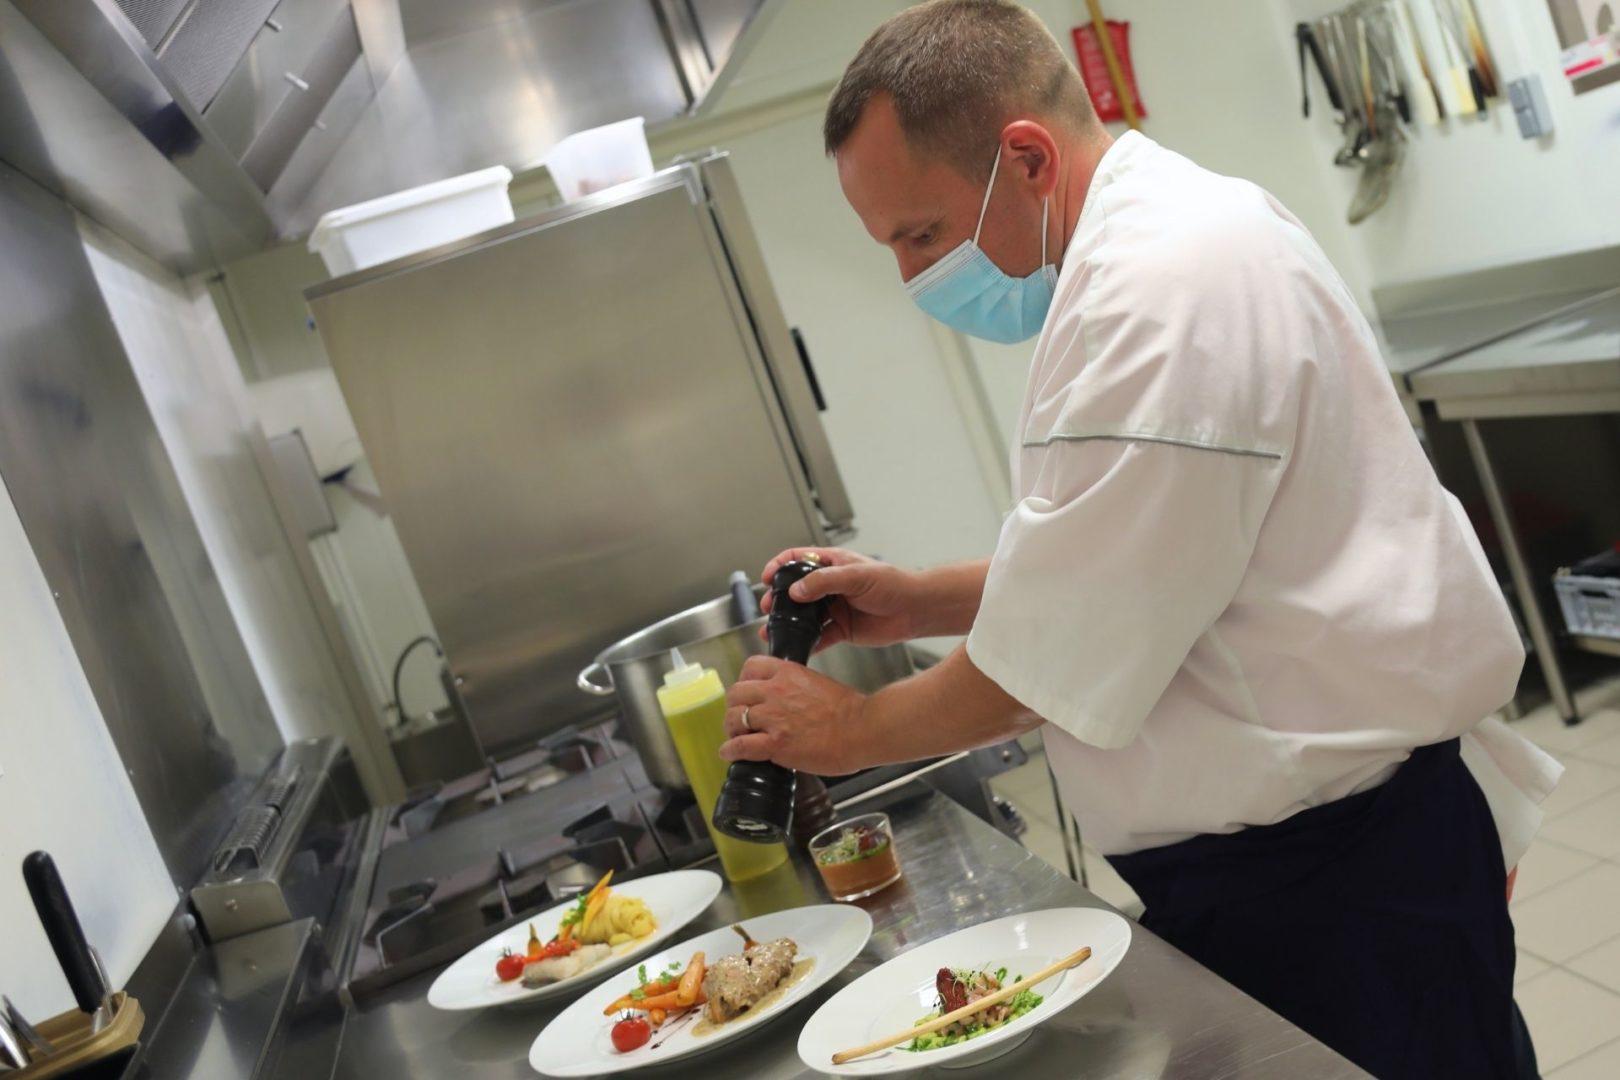 Chef cuisinier Résidence services senior France, jeune femme qui coupe de la terrine